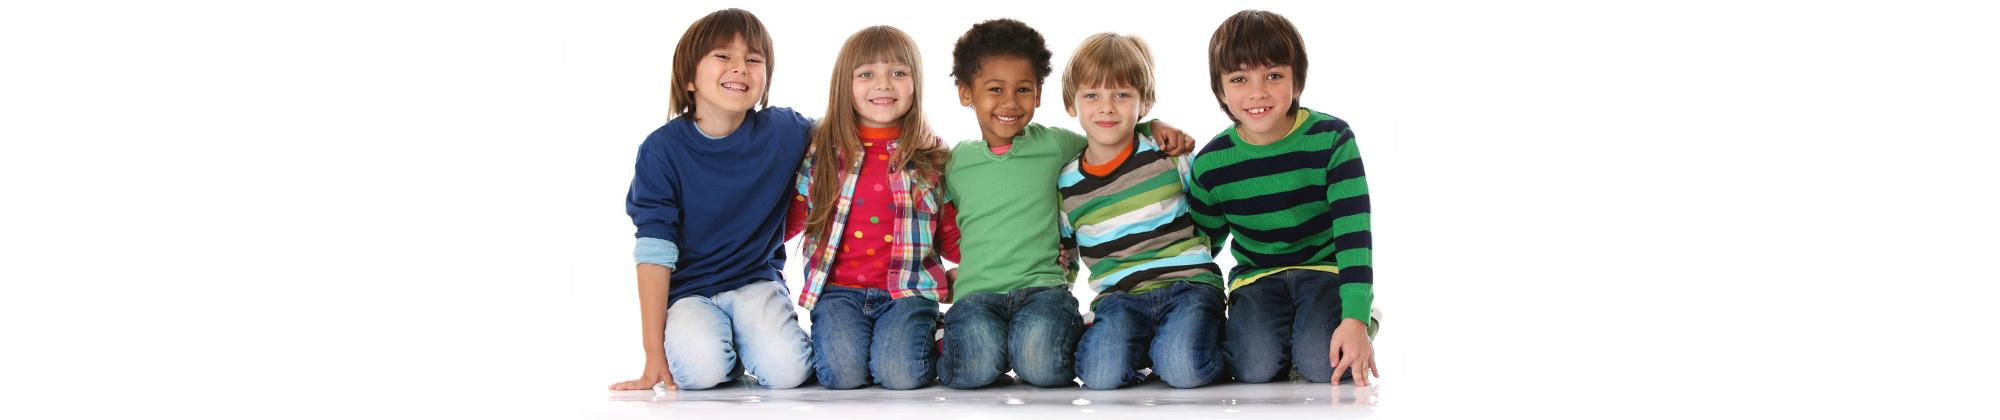 banner-criancas3